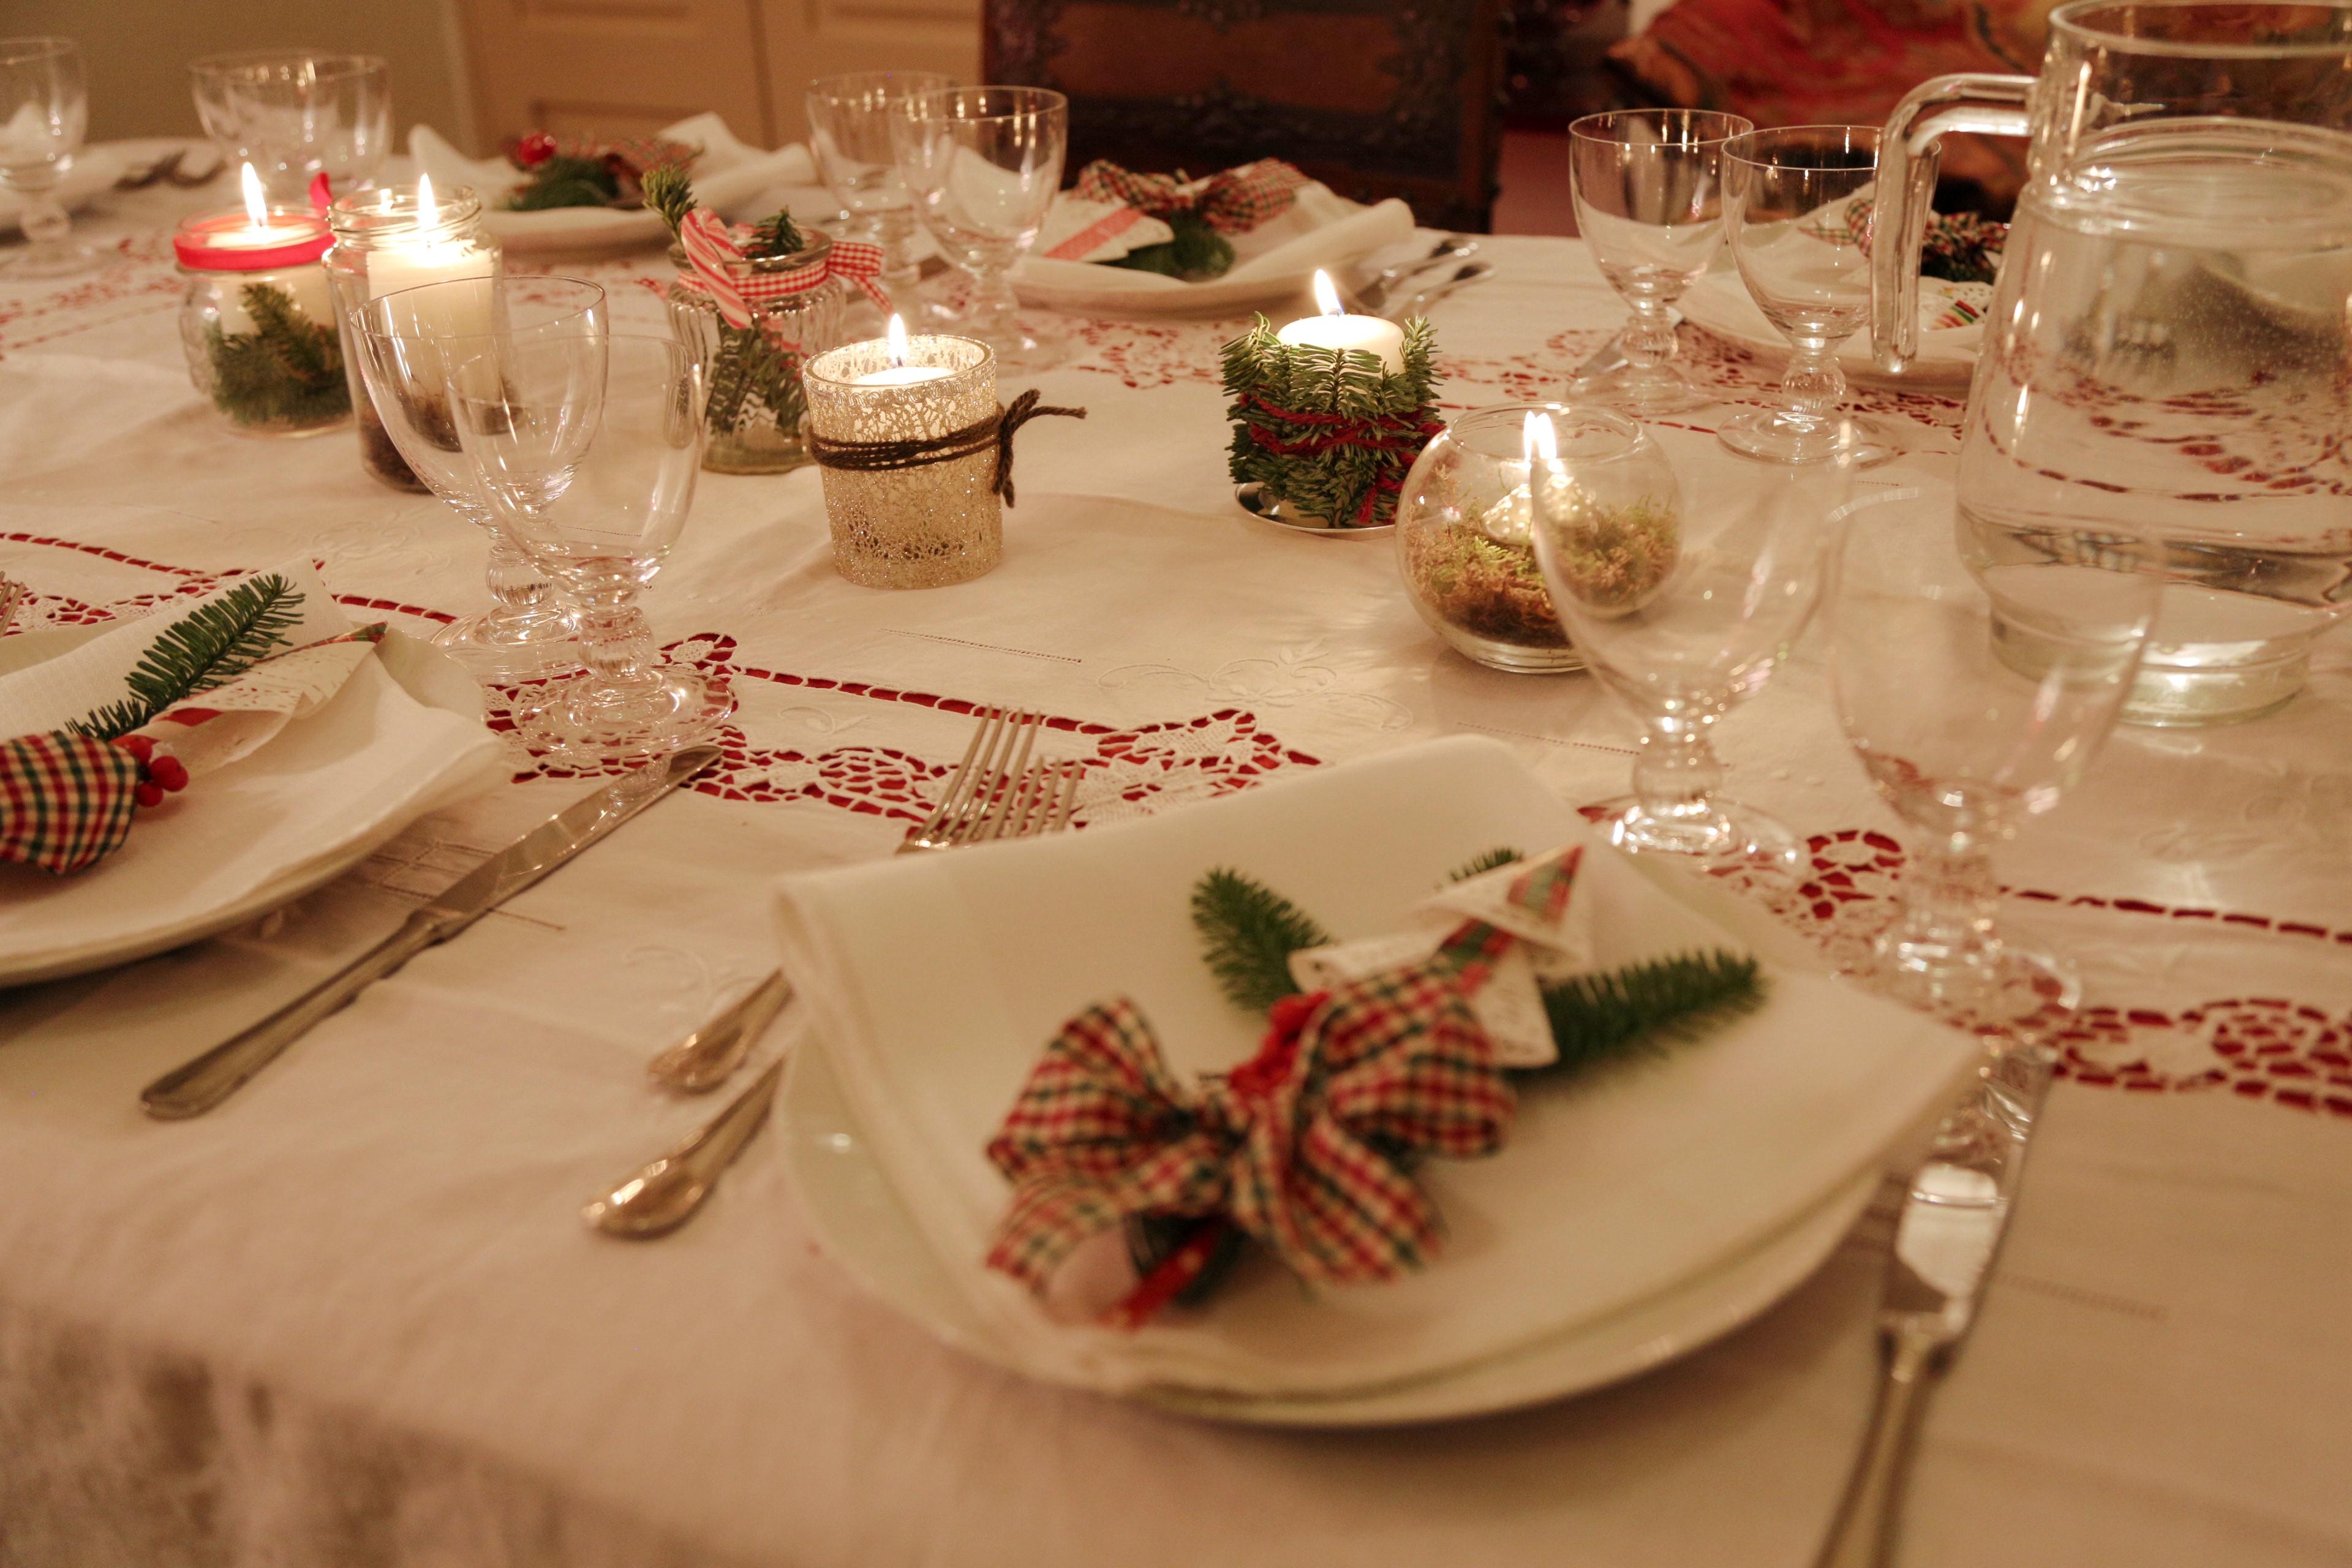 La Tavola Di Natale: Tra Papille E Sentimenti Edo Blog #CC0017 3840 2560 Come Addobbare La Sala Da Pranzo Per Natale